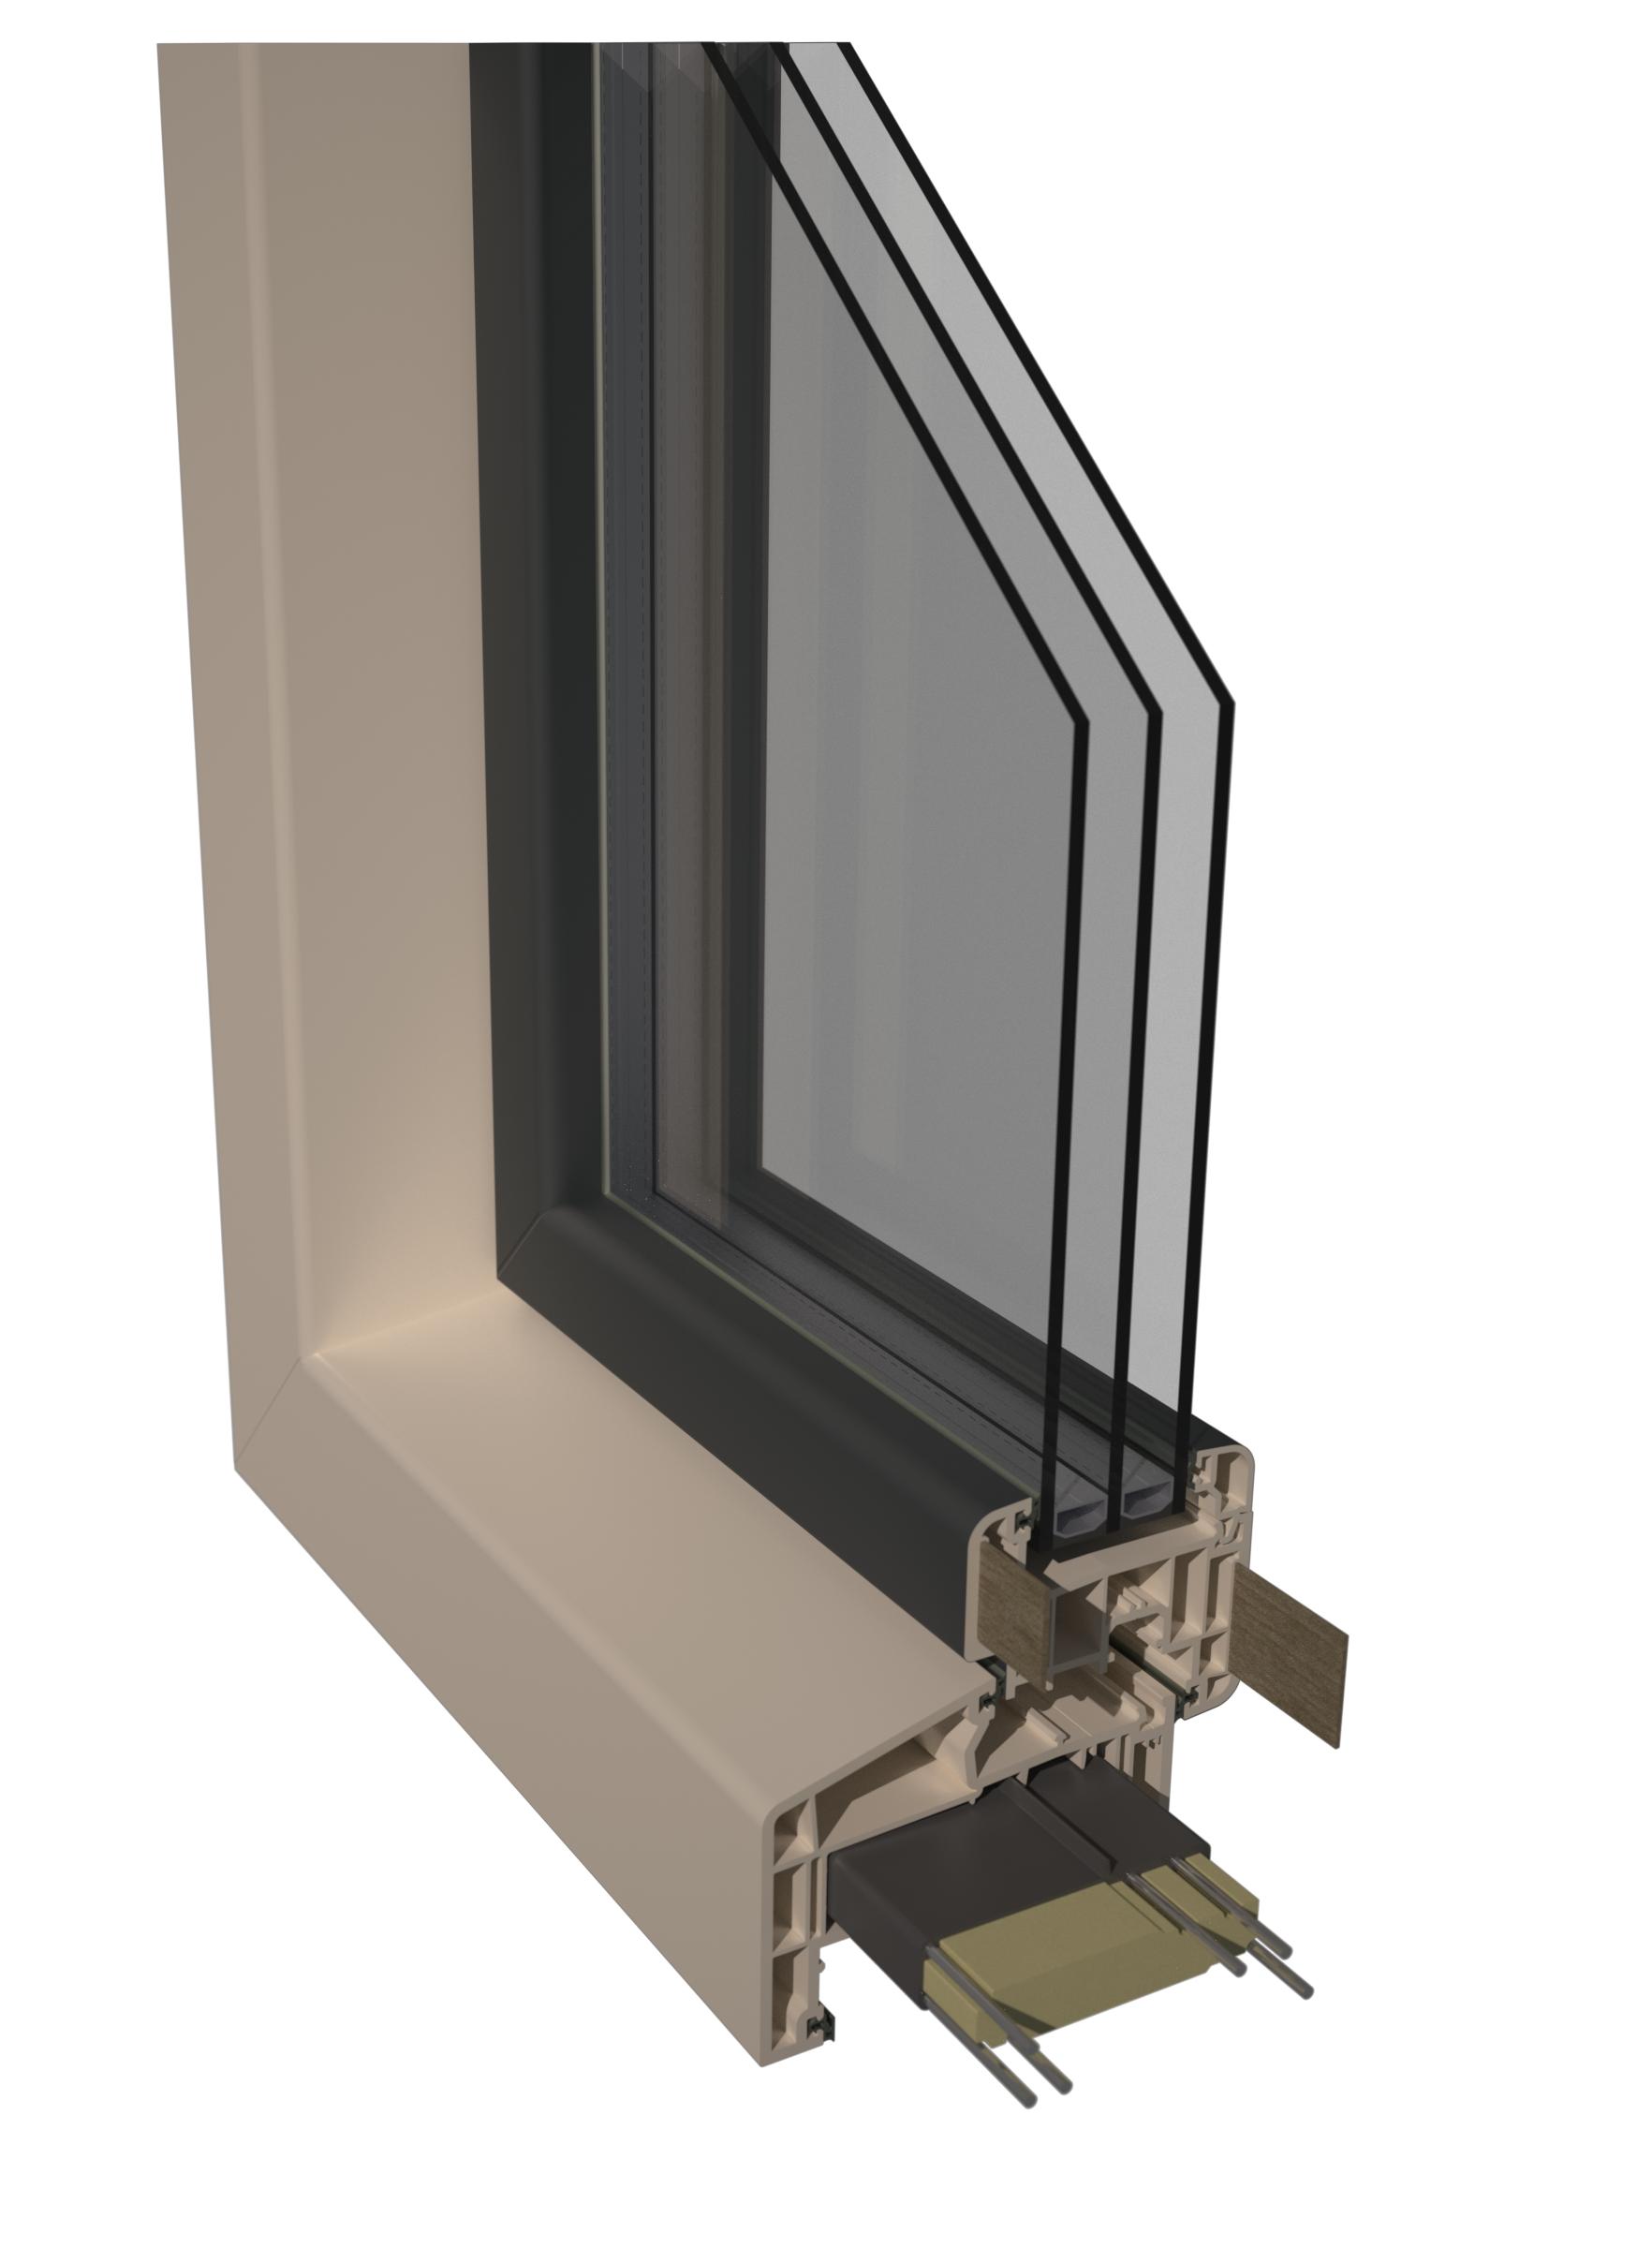 blokkozijn , hl kozijn, holland kozijn, holland profiel, blok ramen, pvc kozijn, blok renovatie profiel, kunststof kozijn